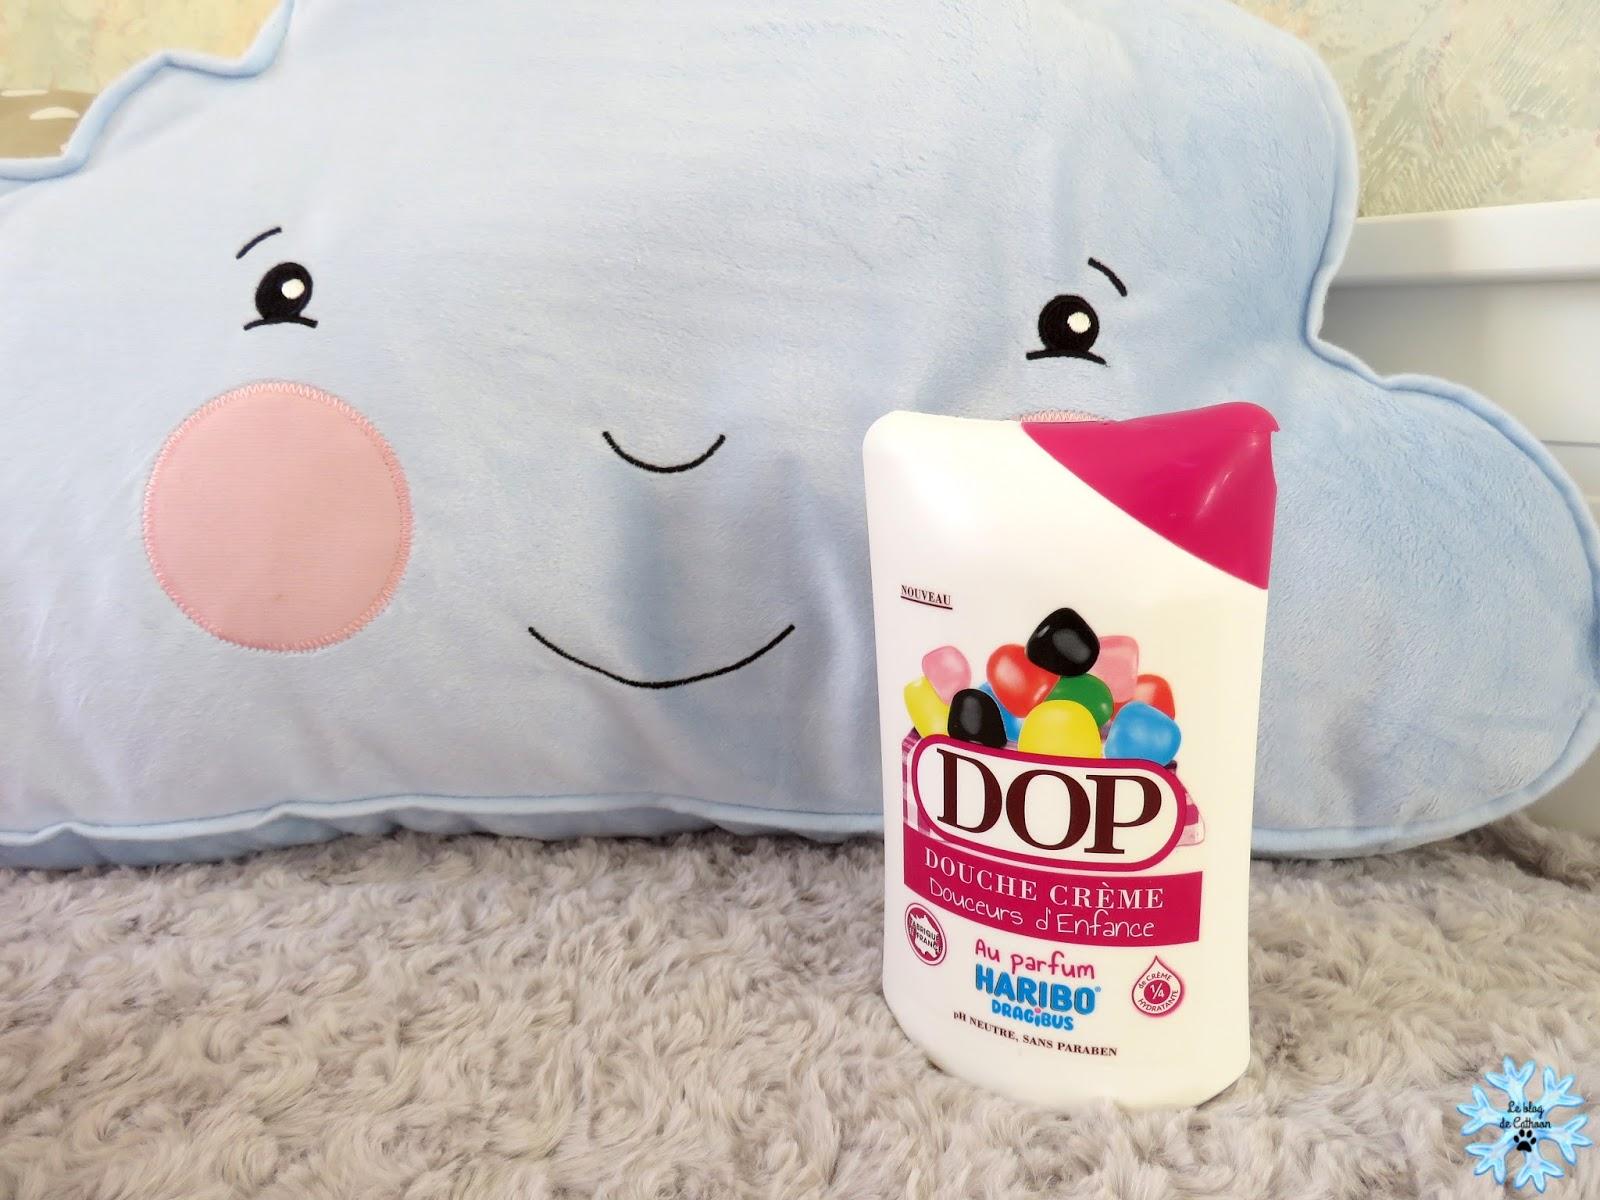 Haribo Dragibus - Douche Crème Douceur d'Enfance - Dop